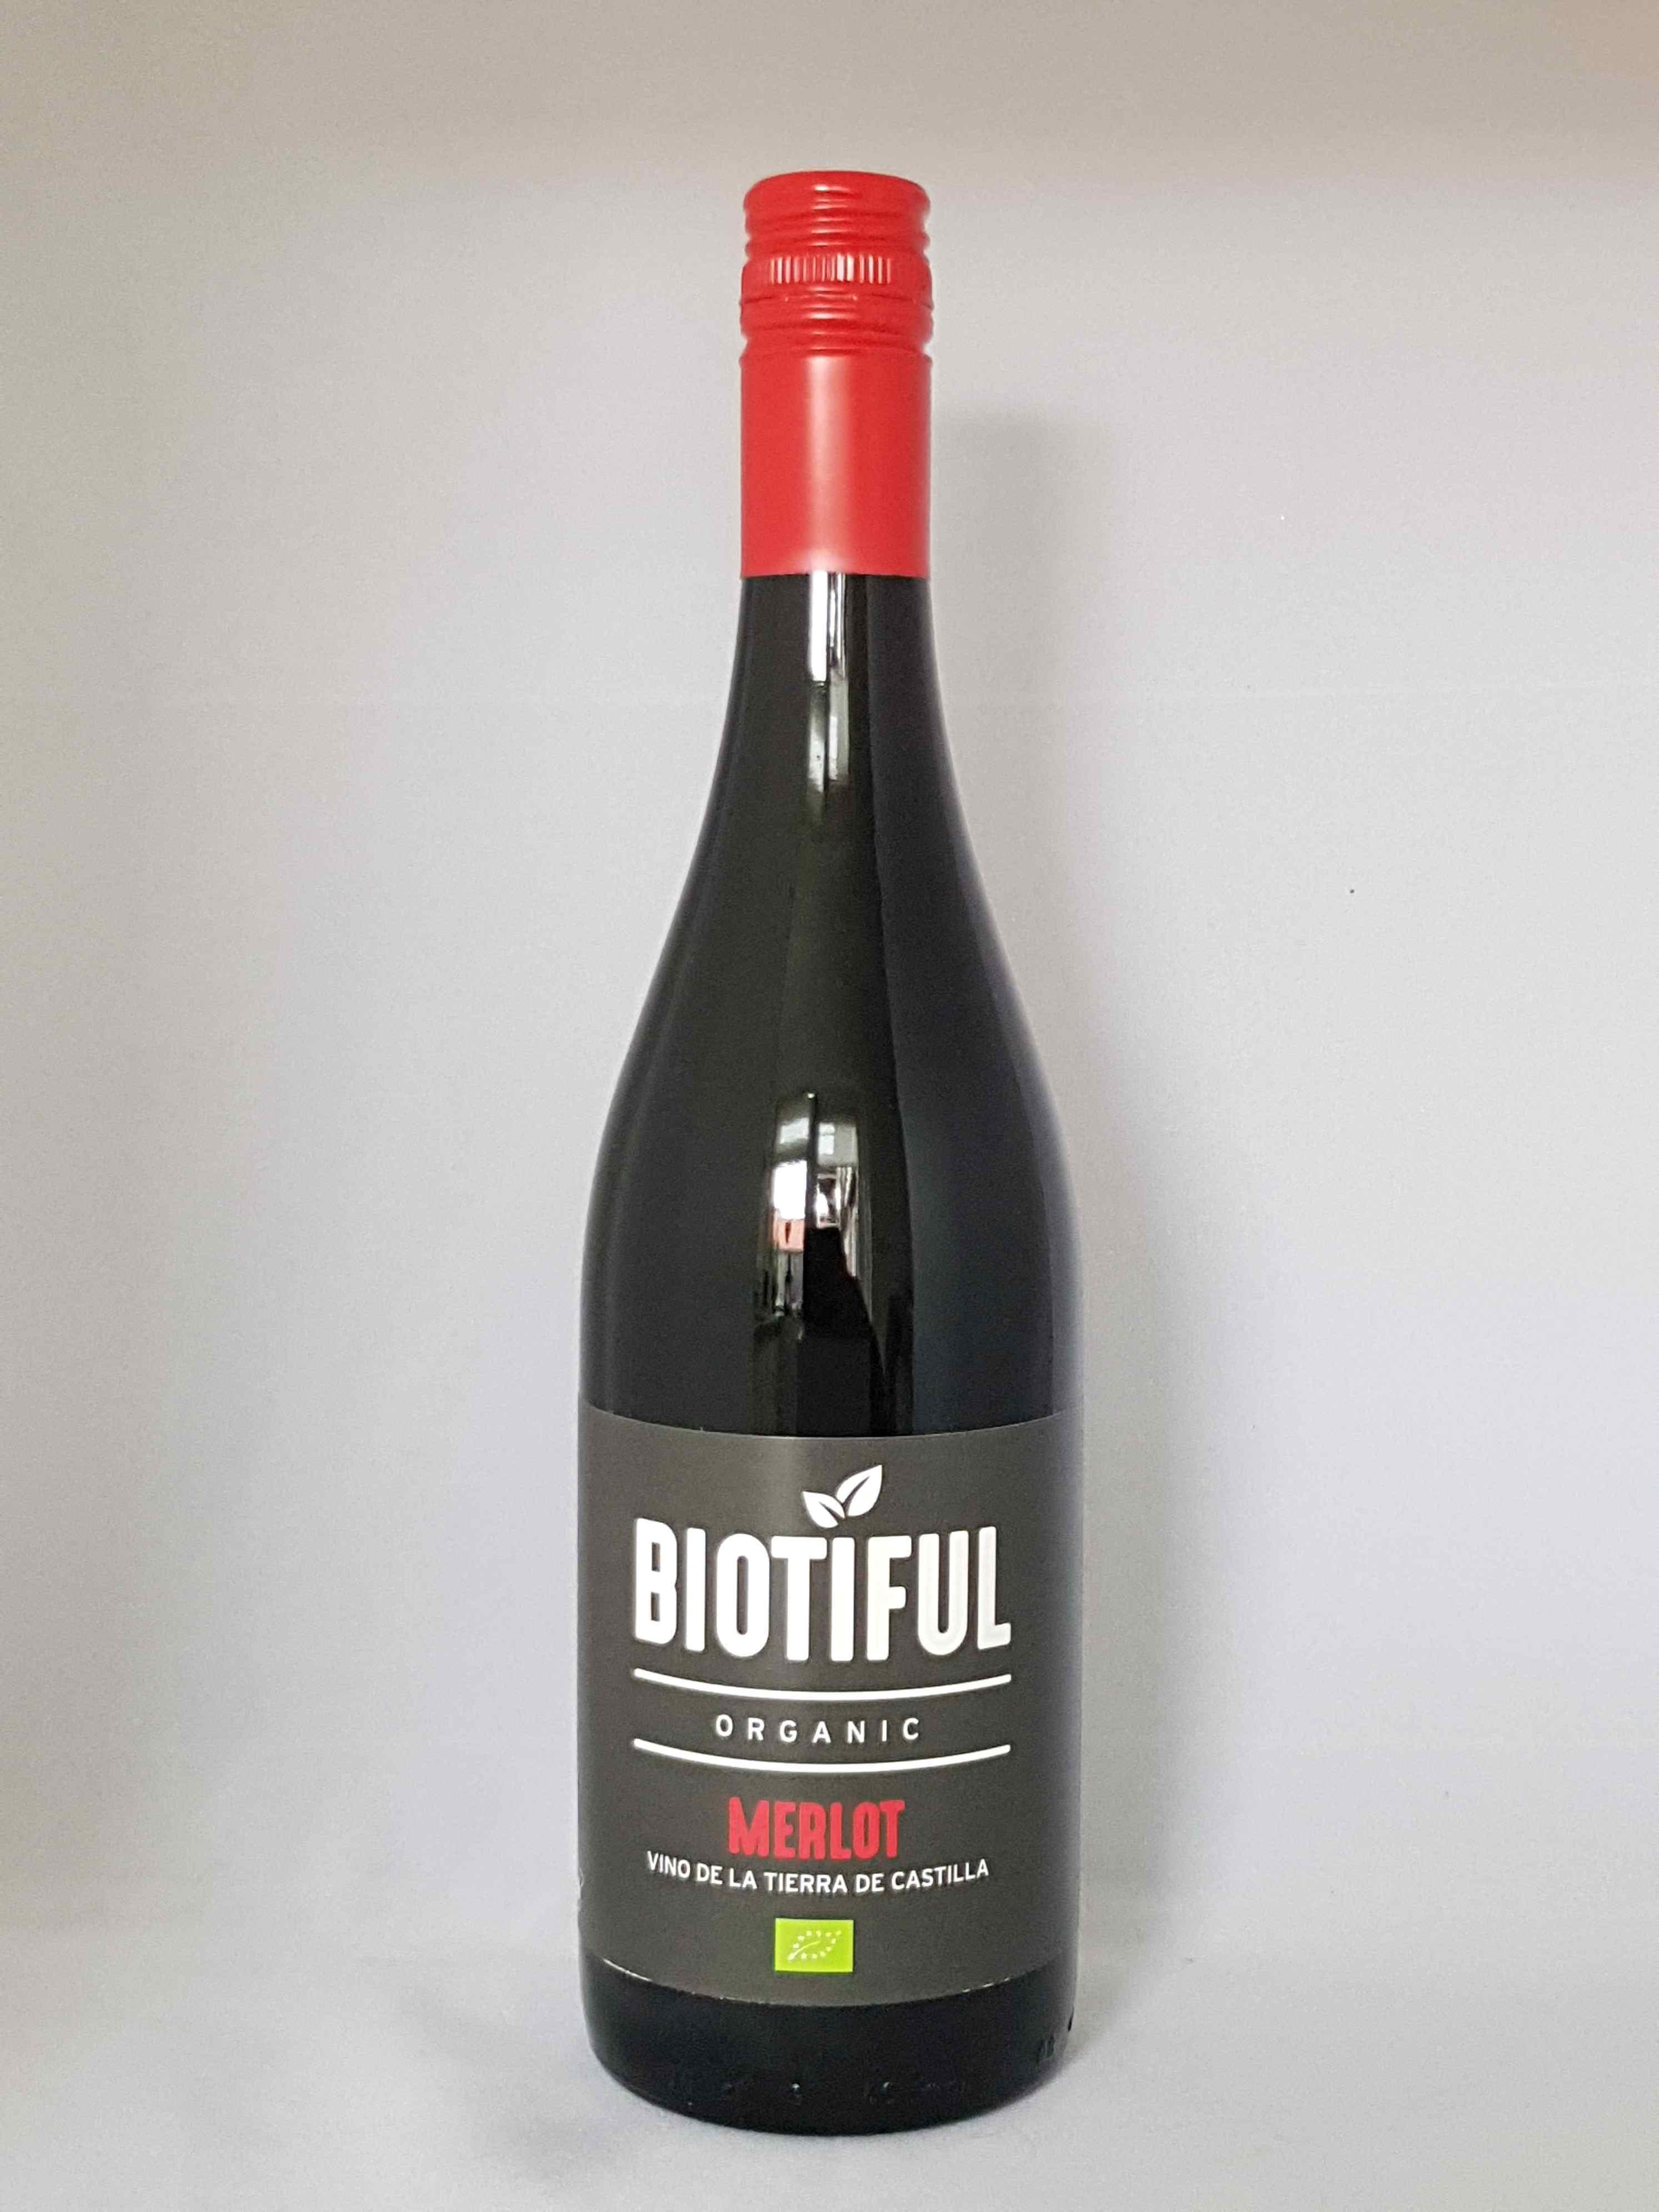 Biotiful Merlot 2018